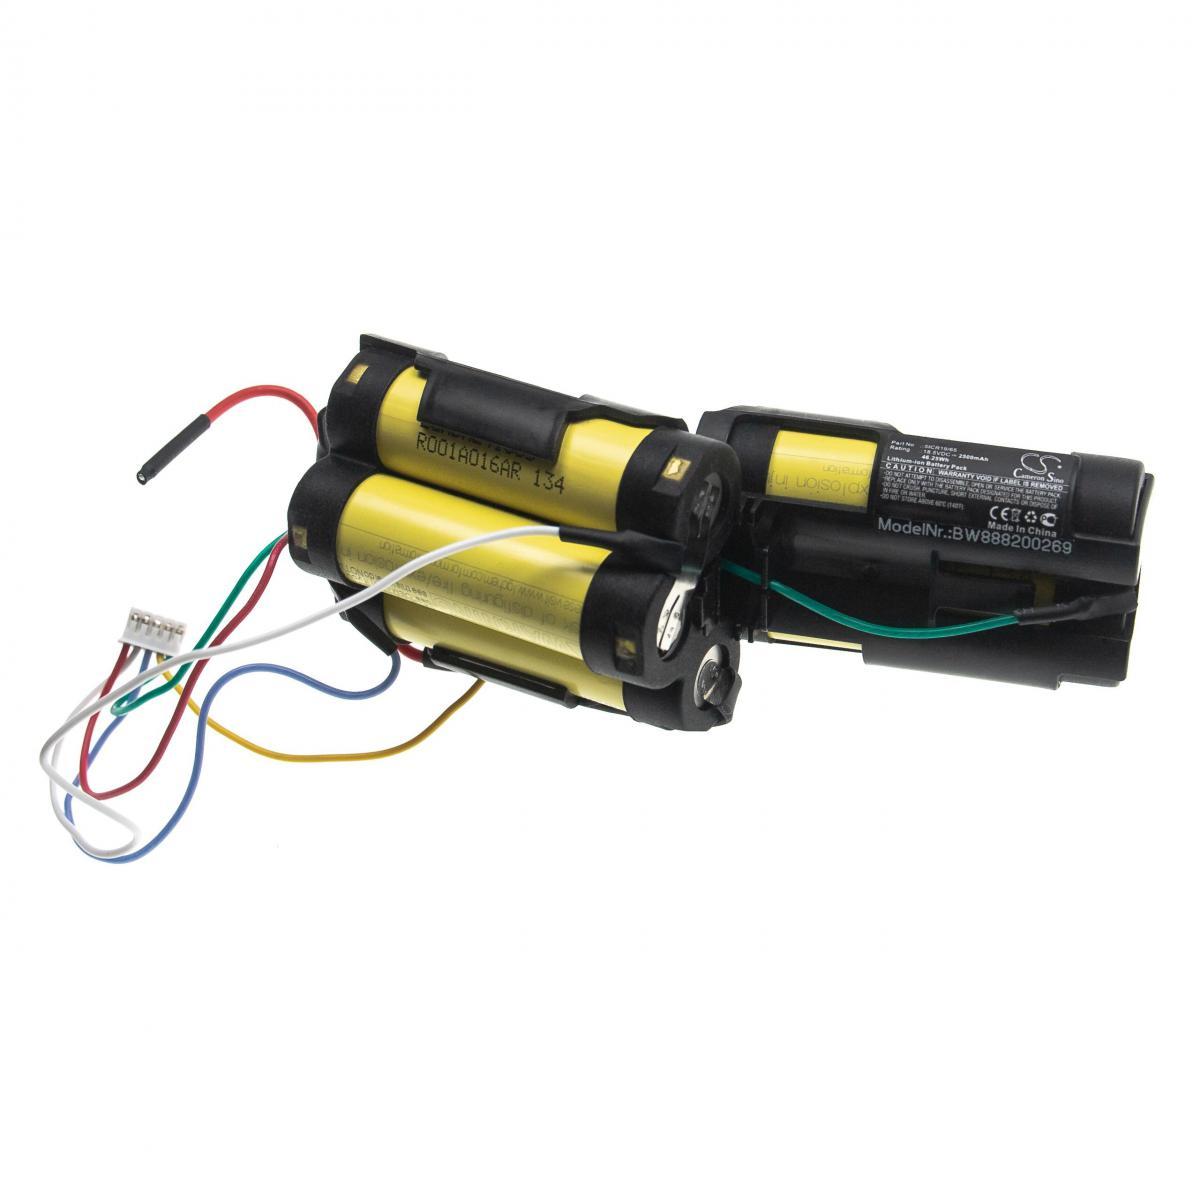 Vhbw vhbw Batterie compatible avec Philips FC6168, FC6169, FC6171, FC6404, FC6405, FC6763 aspirateur, robot électroménager (2